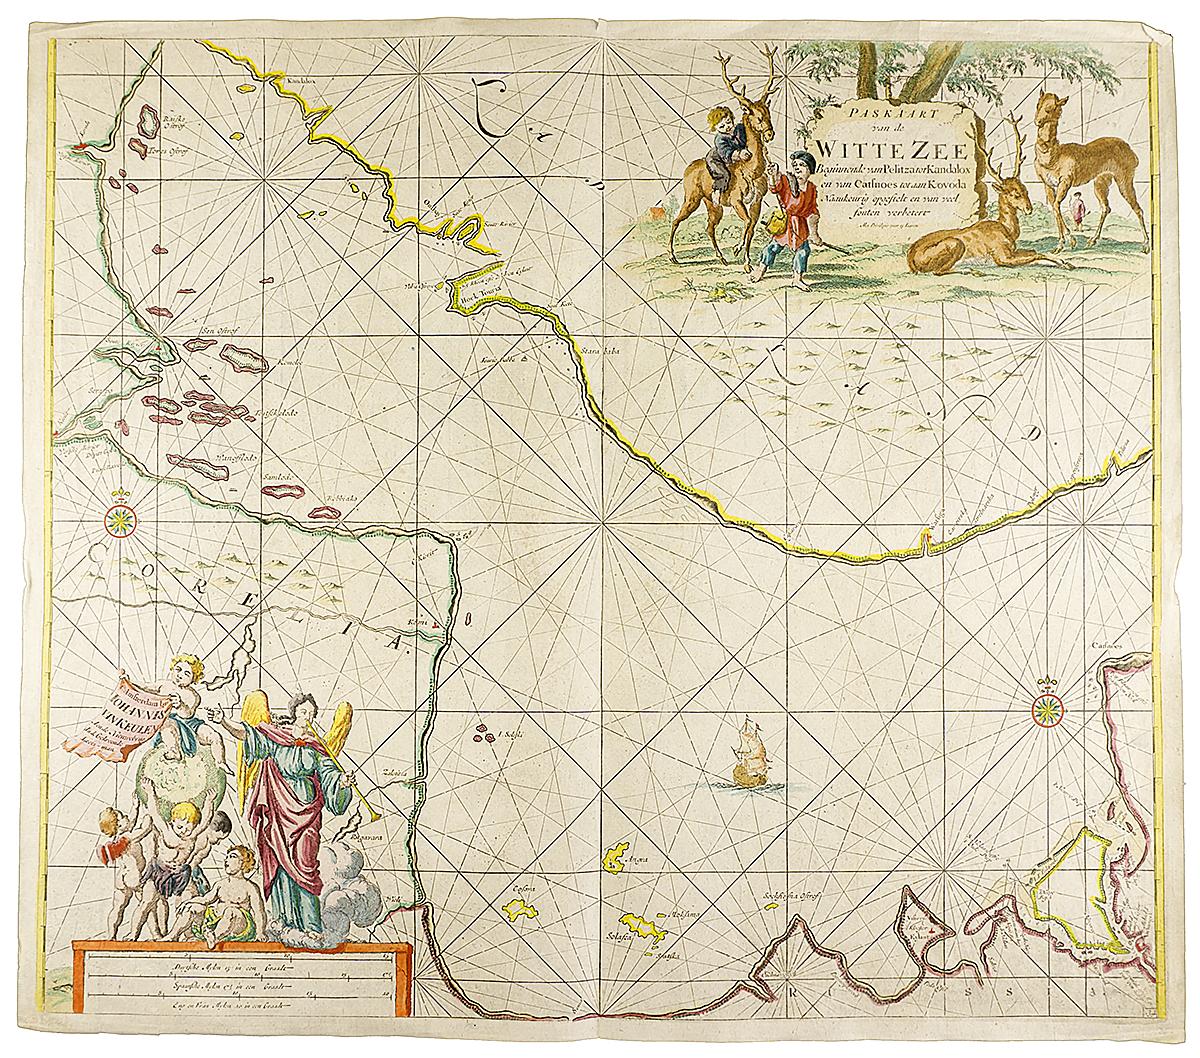 Географическая карта Белого моря (от Кандалакши и на восток). Гравюра, Западная Европа, не позднее 1620 года